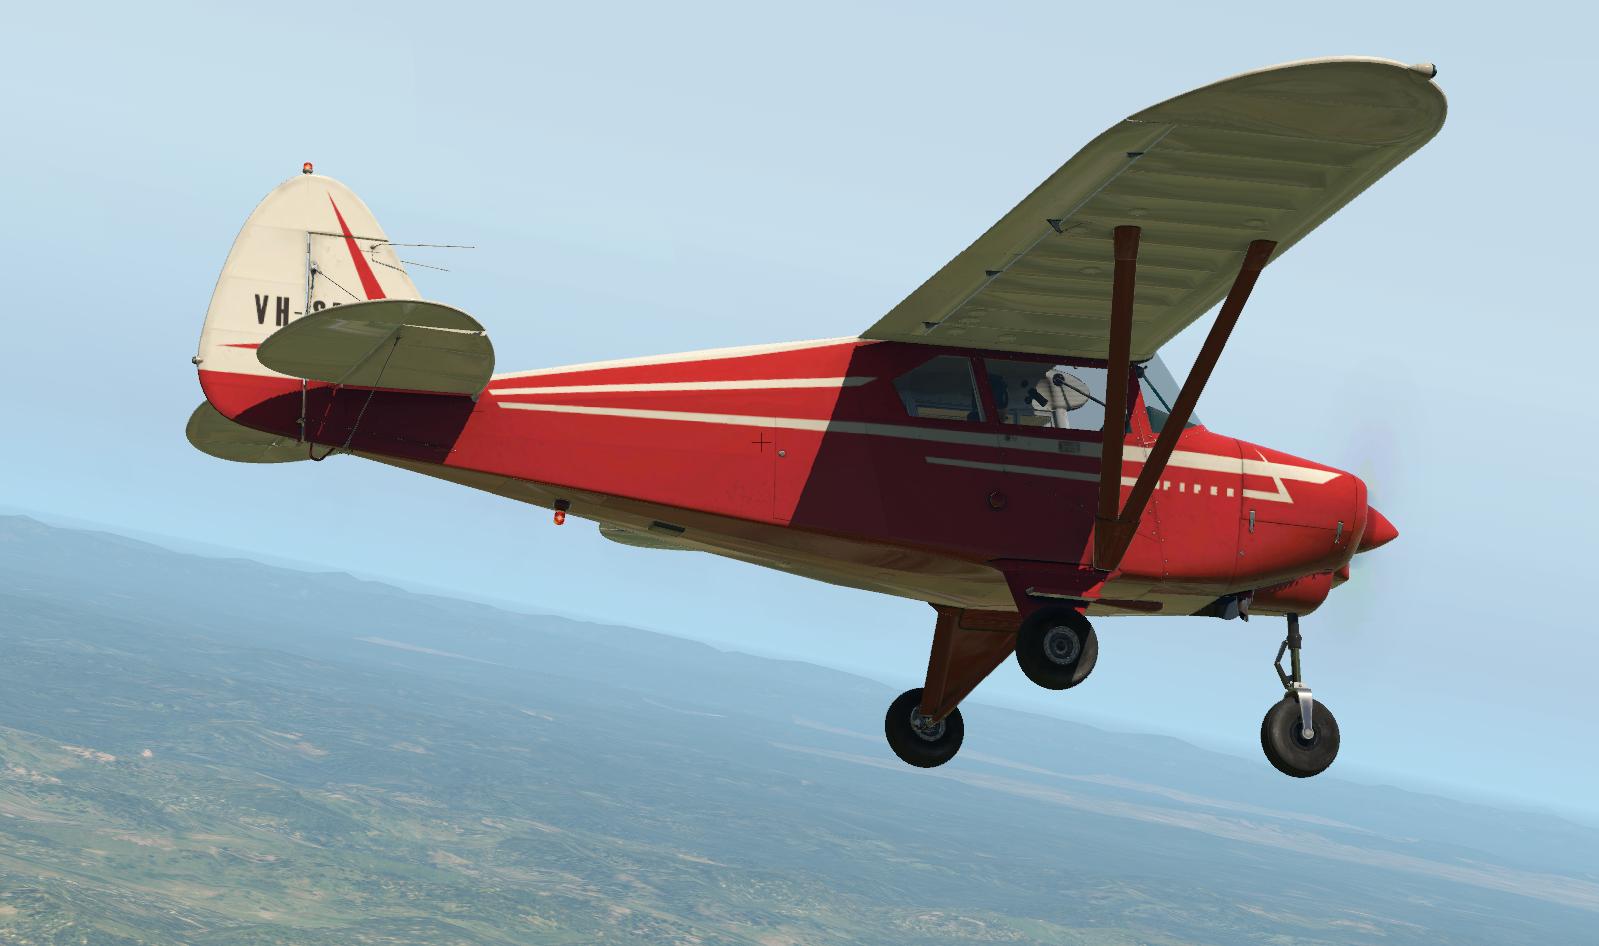 Alabeo PA22 Tri-Pacer VH-SDO  - Carenado Paints - X-Plane